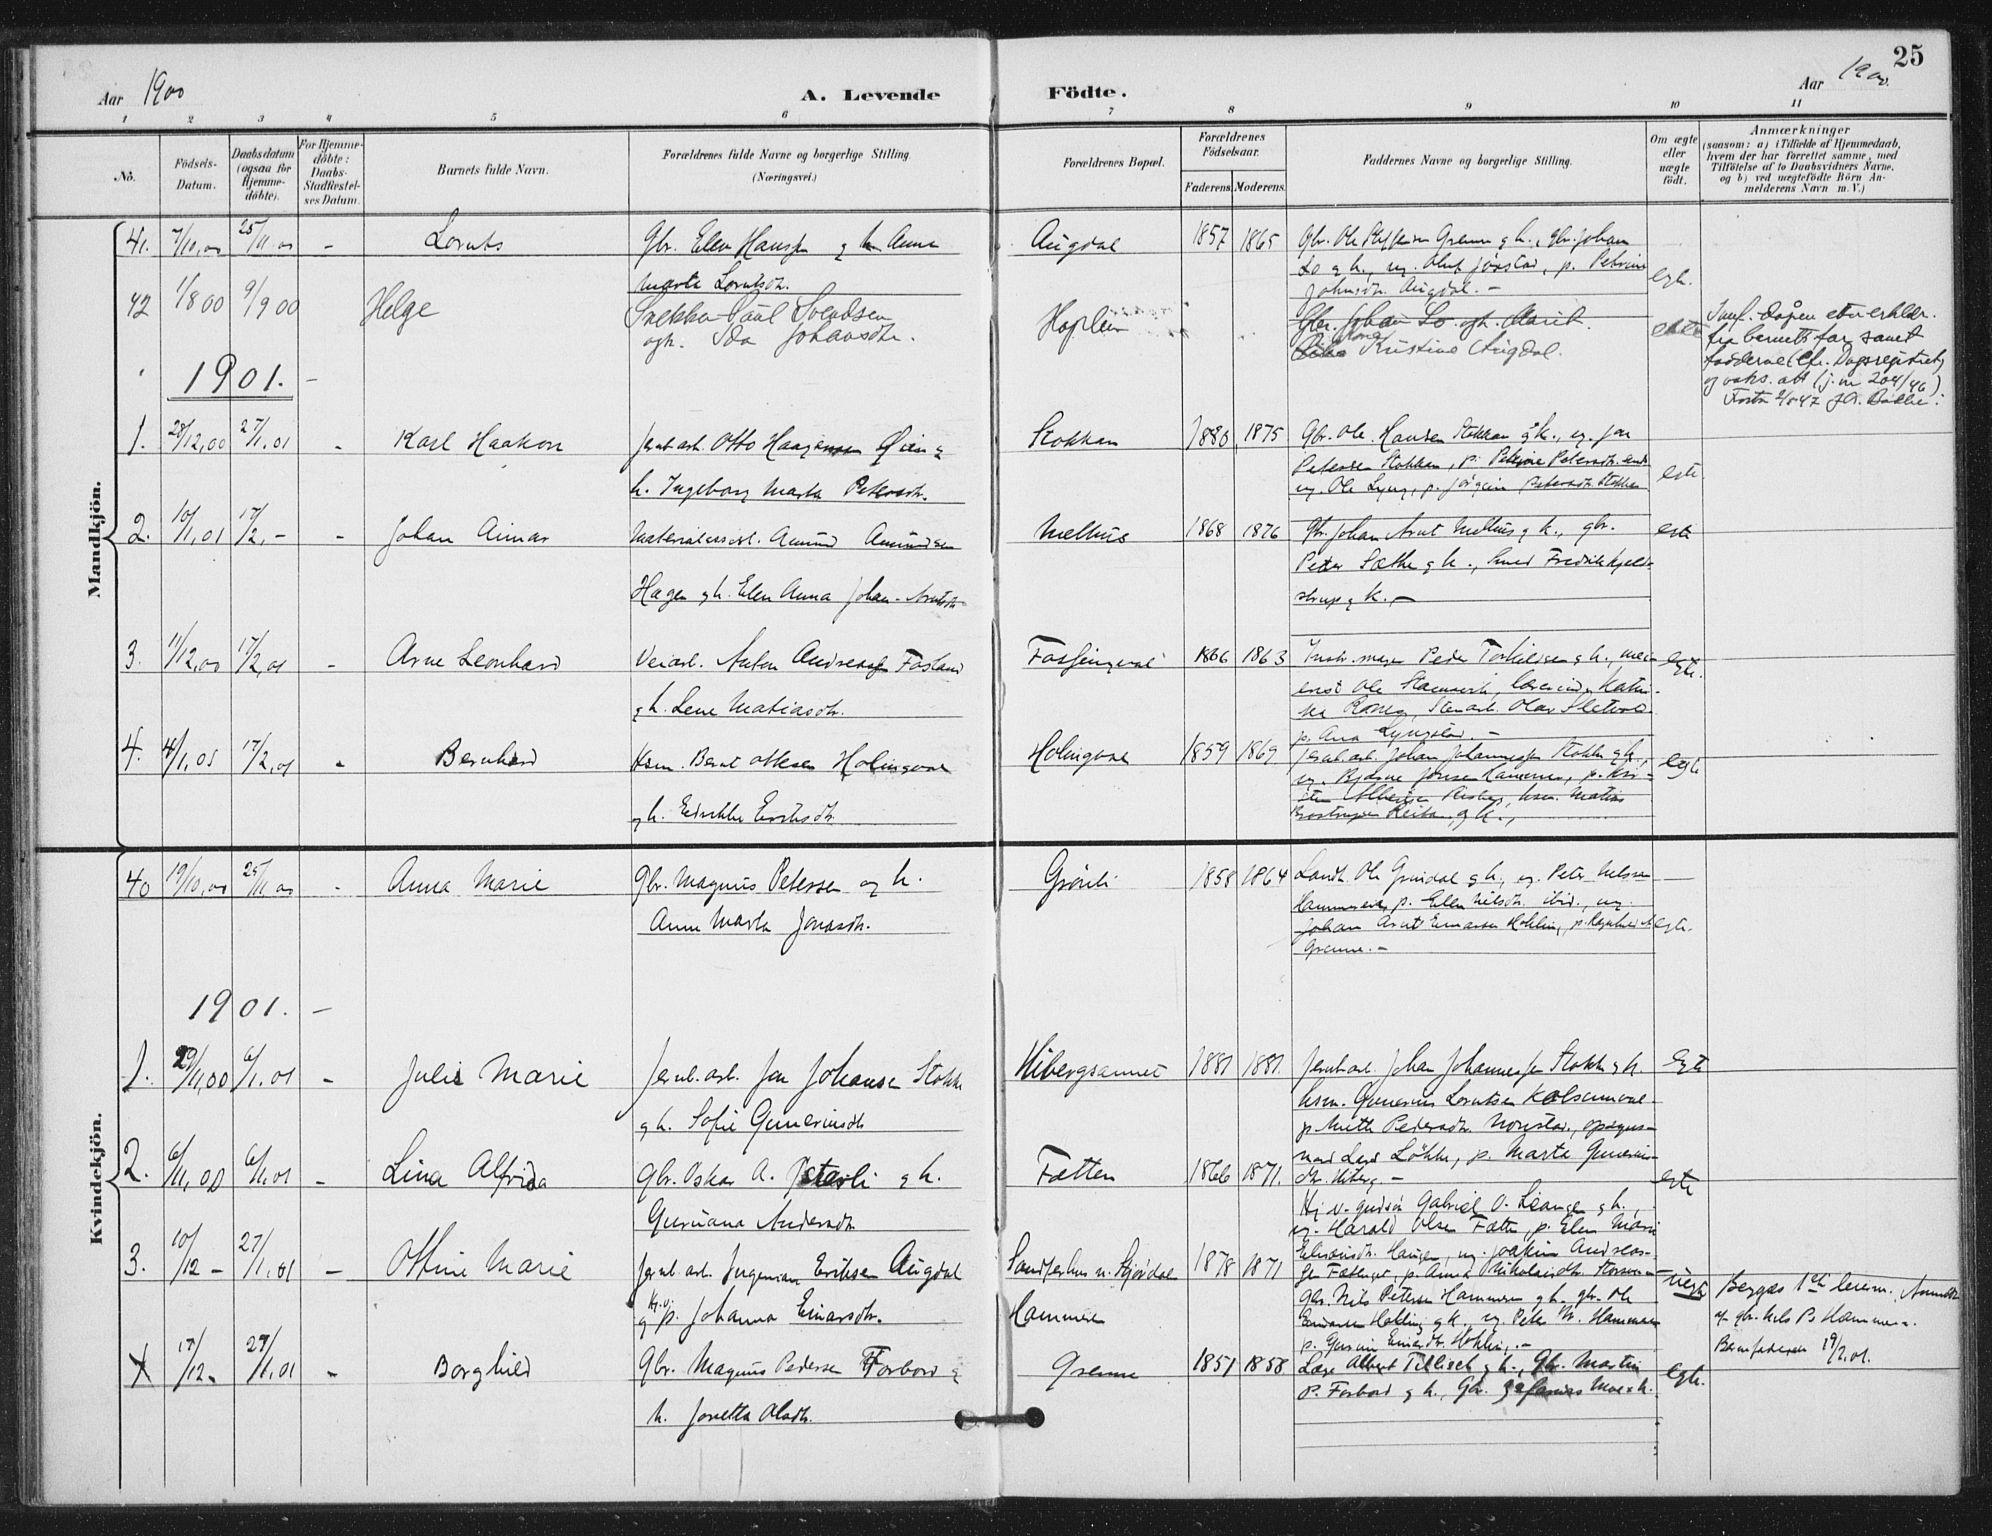 SAT, Ministerialprotokoller, klokkerbøker og fødselsregistre - Nord-Trøndelag, 714/L0131: Ministerialbok nr. 714A02, 1896-1918, s. 25